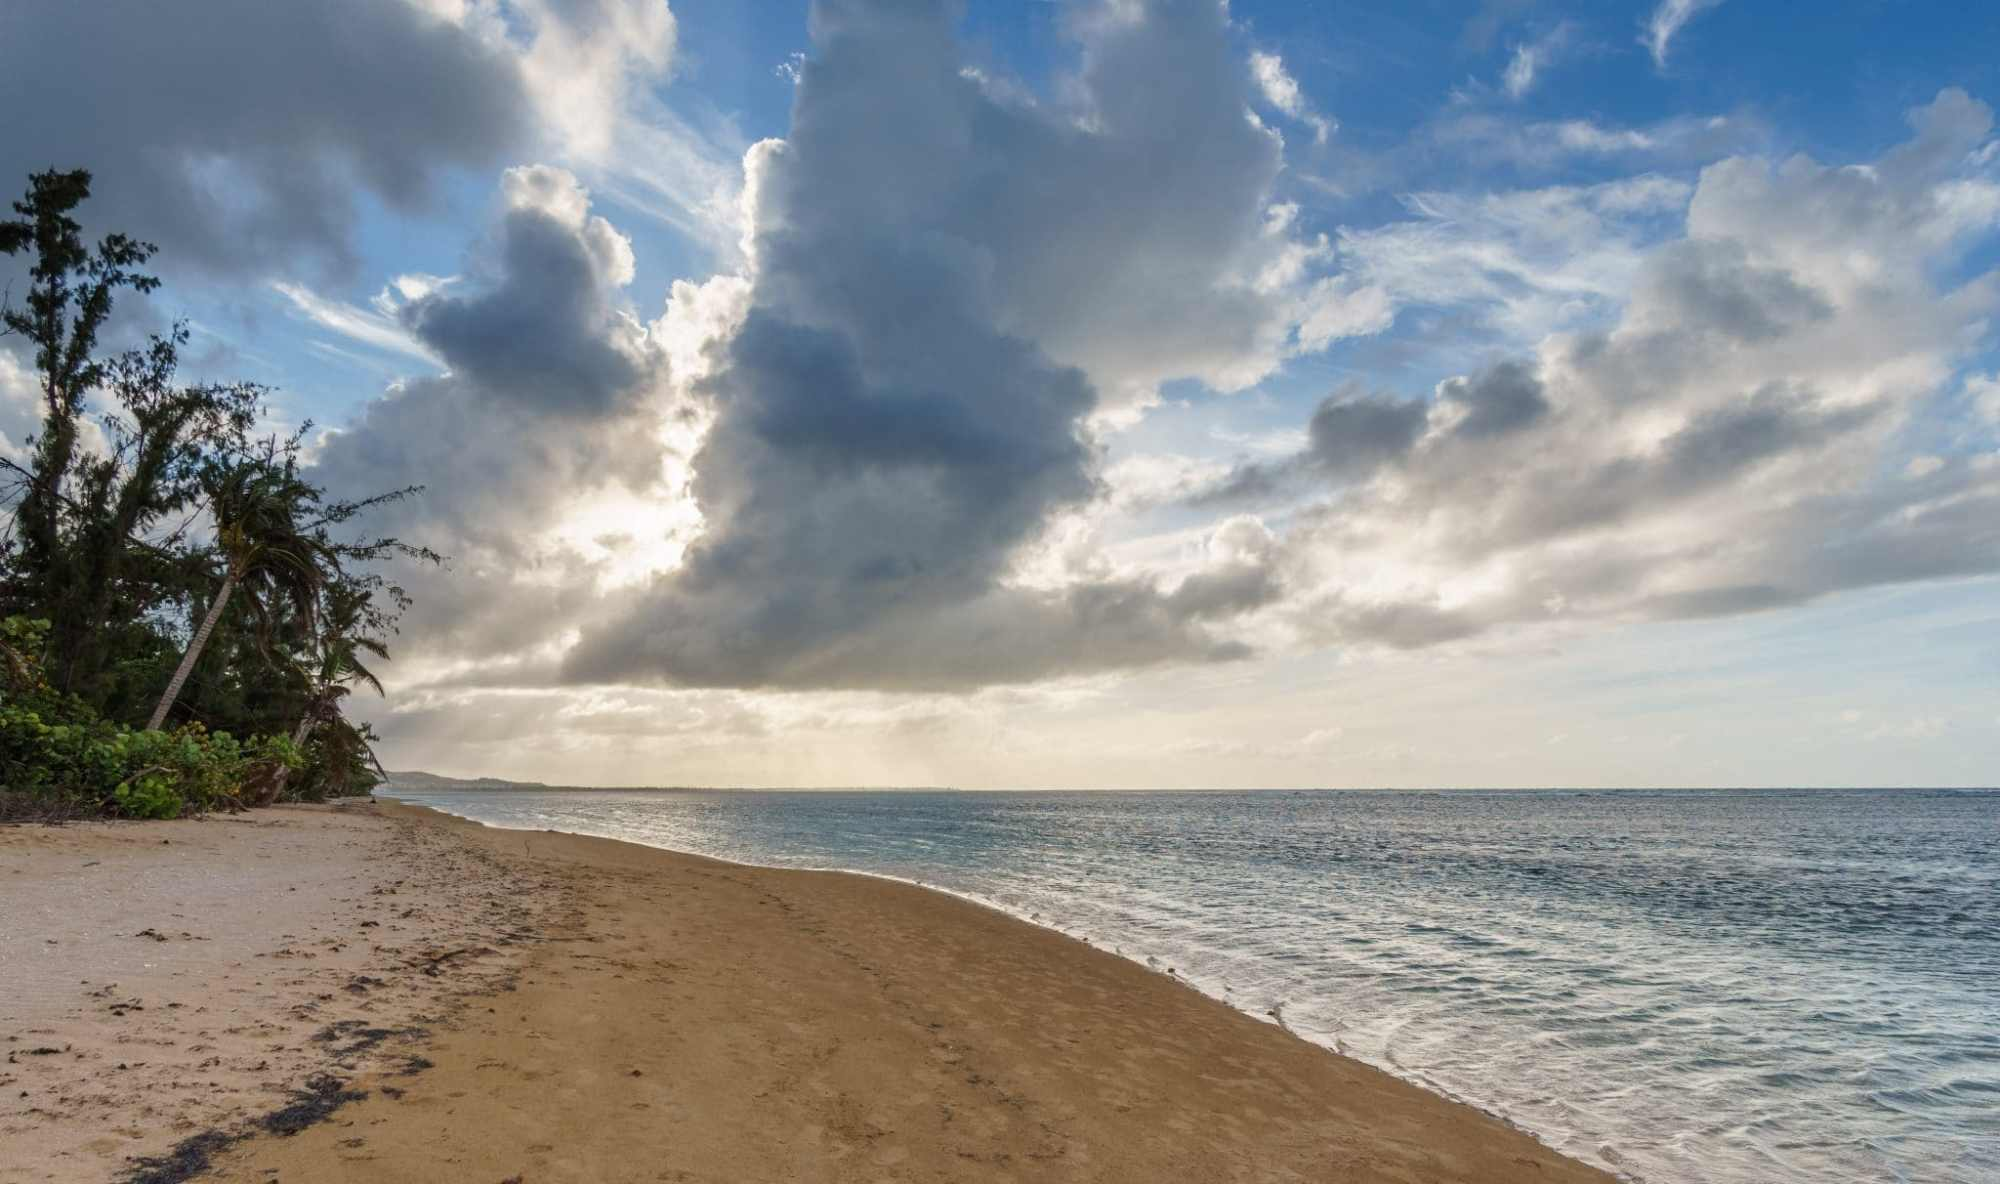 Beach in Luquillo Puerto Rico